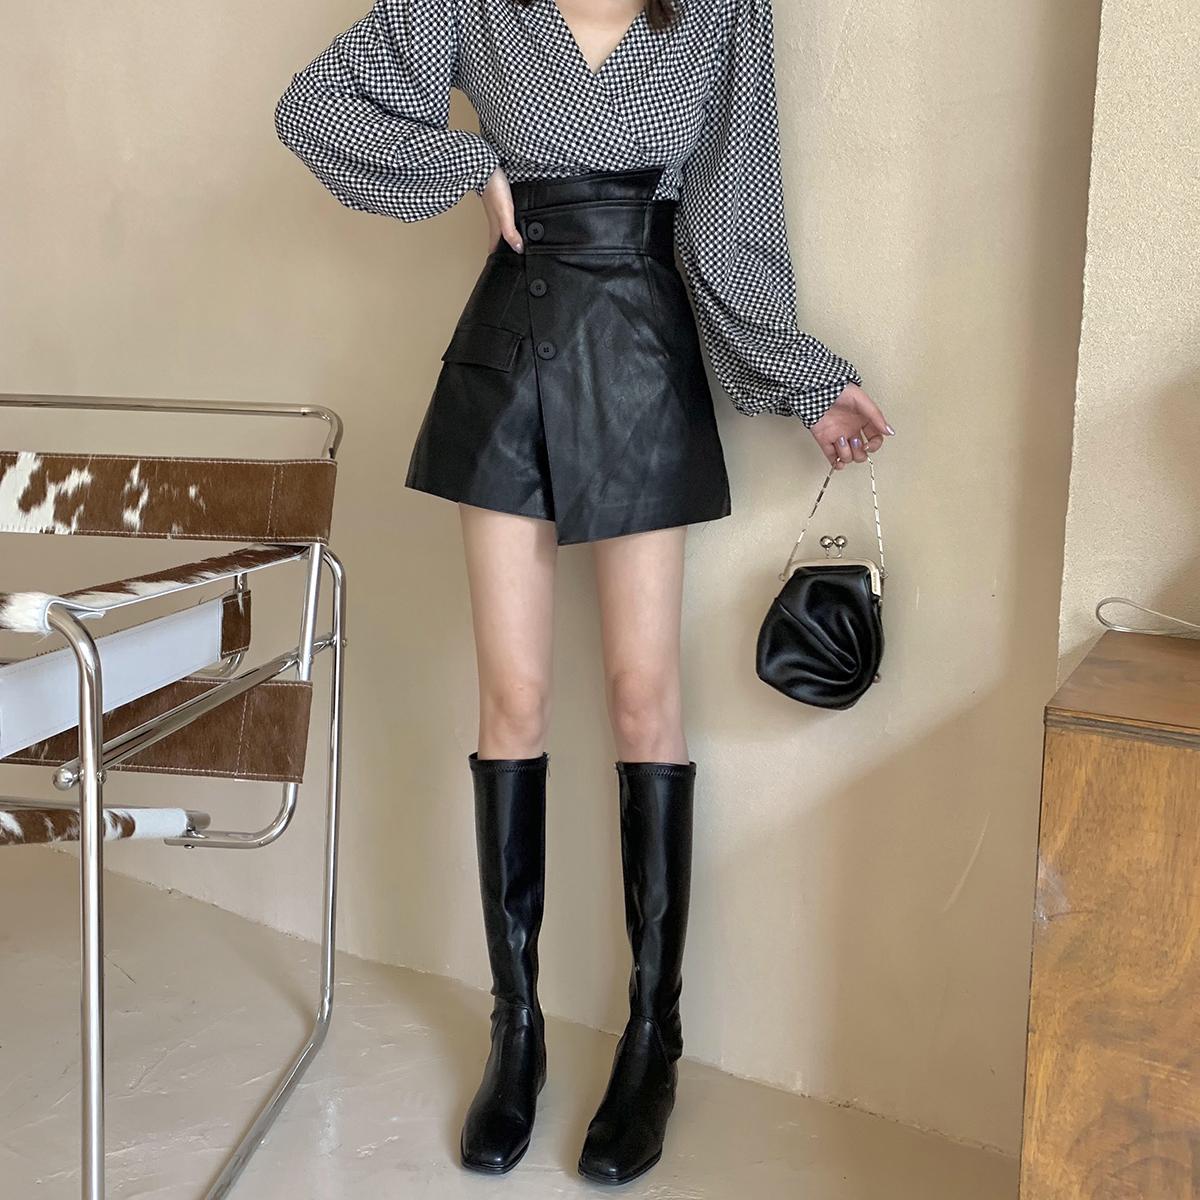 BOCCALOOK 一片式拼接高腰半身裙裤女秋冬不对称韩版A字短皮裤